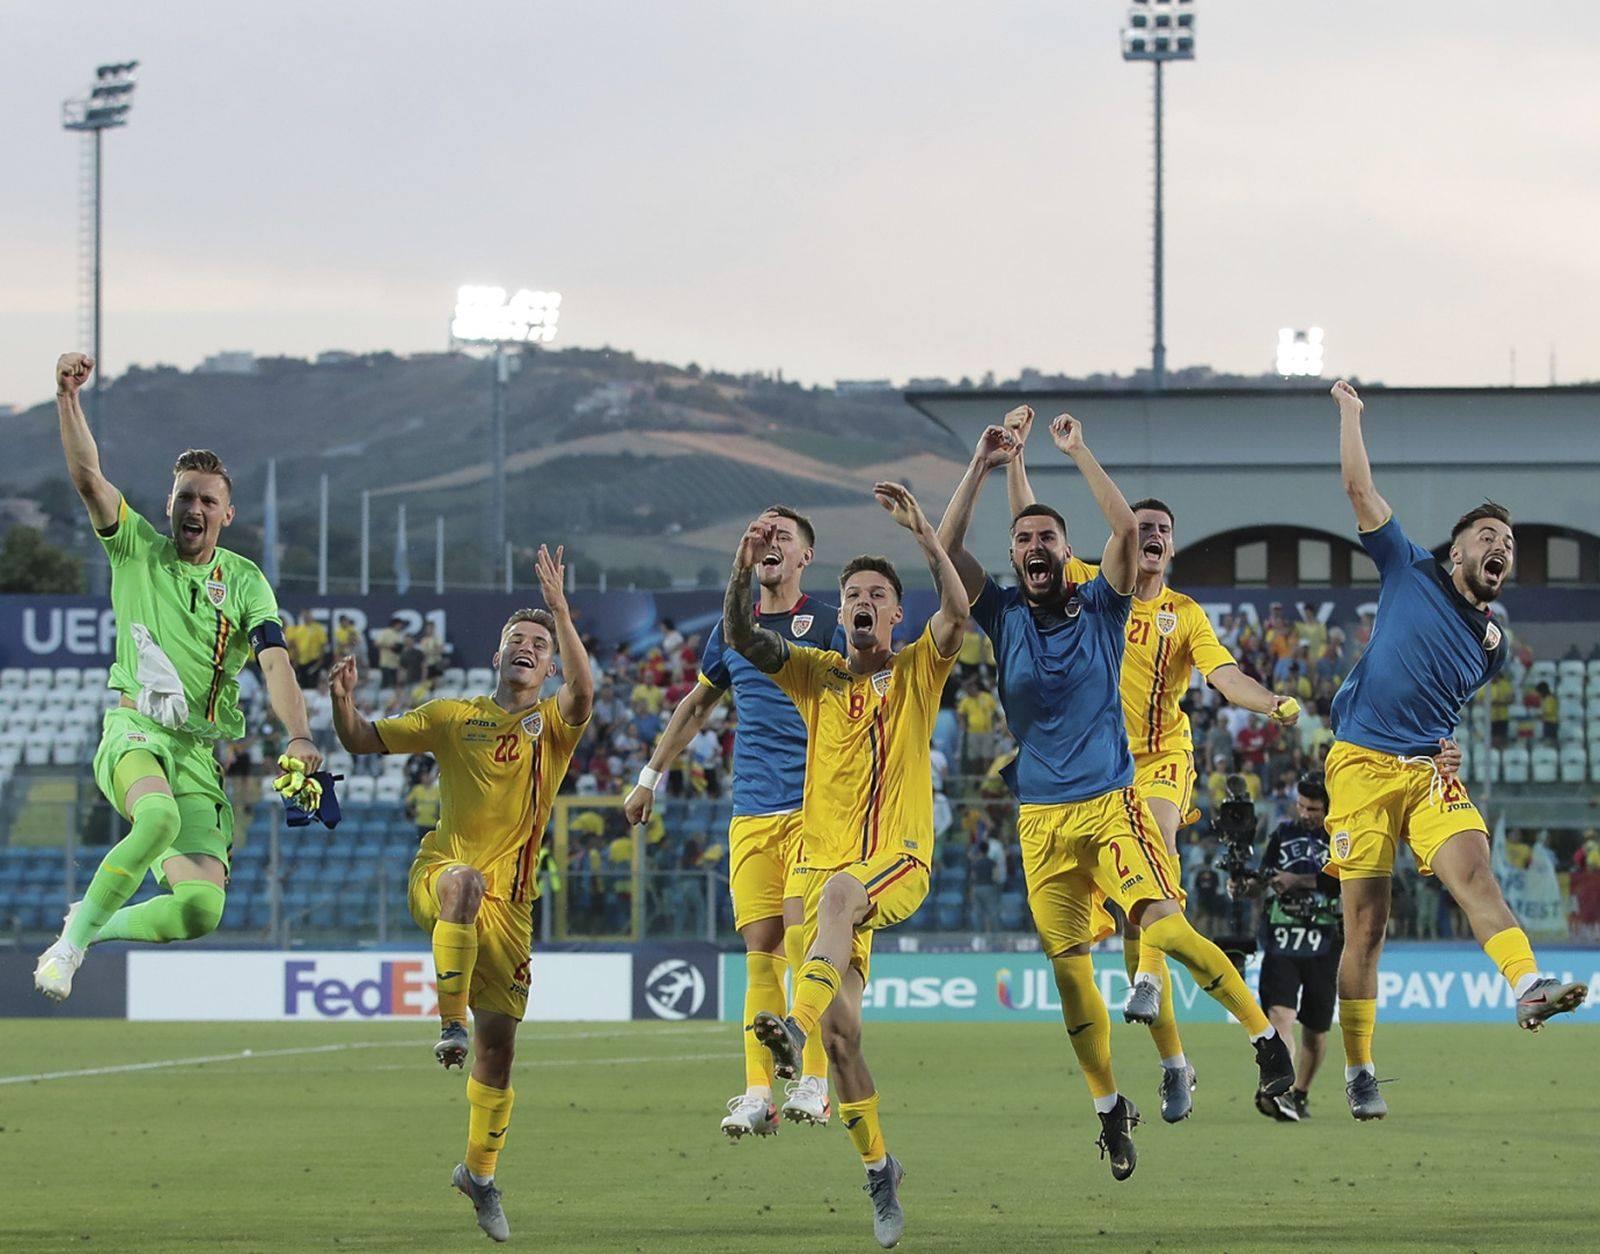 Echipa asta de tineret a României e MARE! România se califică, după un egal frățesc, 0-0, în compania Franței, în semifinalele Campionatului European de pe primul loc, câștigând grupa C. Până acum, în cele trei meciuri contra Croației, Angliei și Franța, România a marcat 8 goluri,...